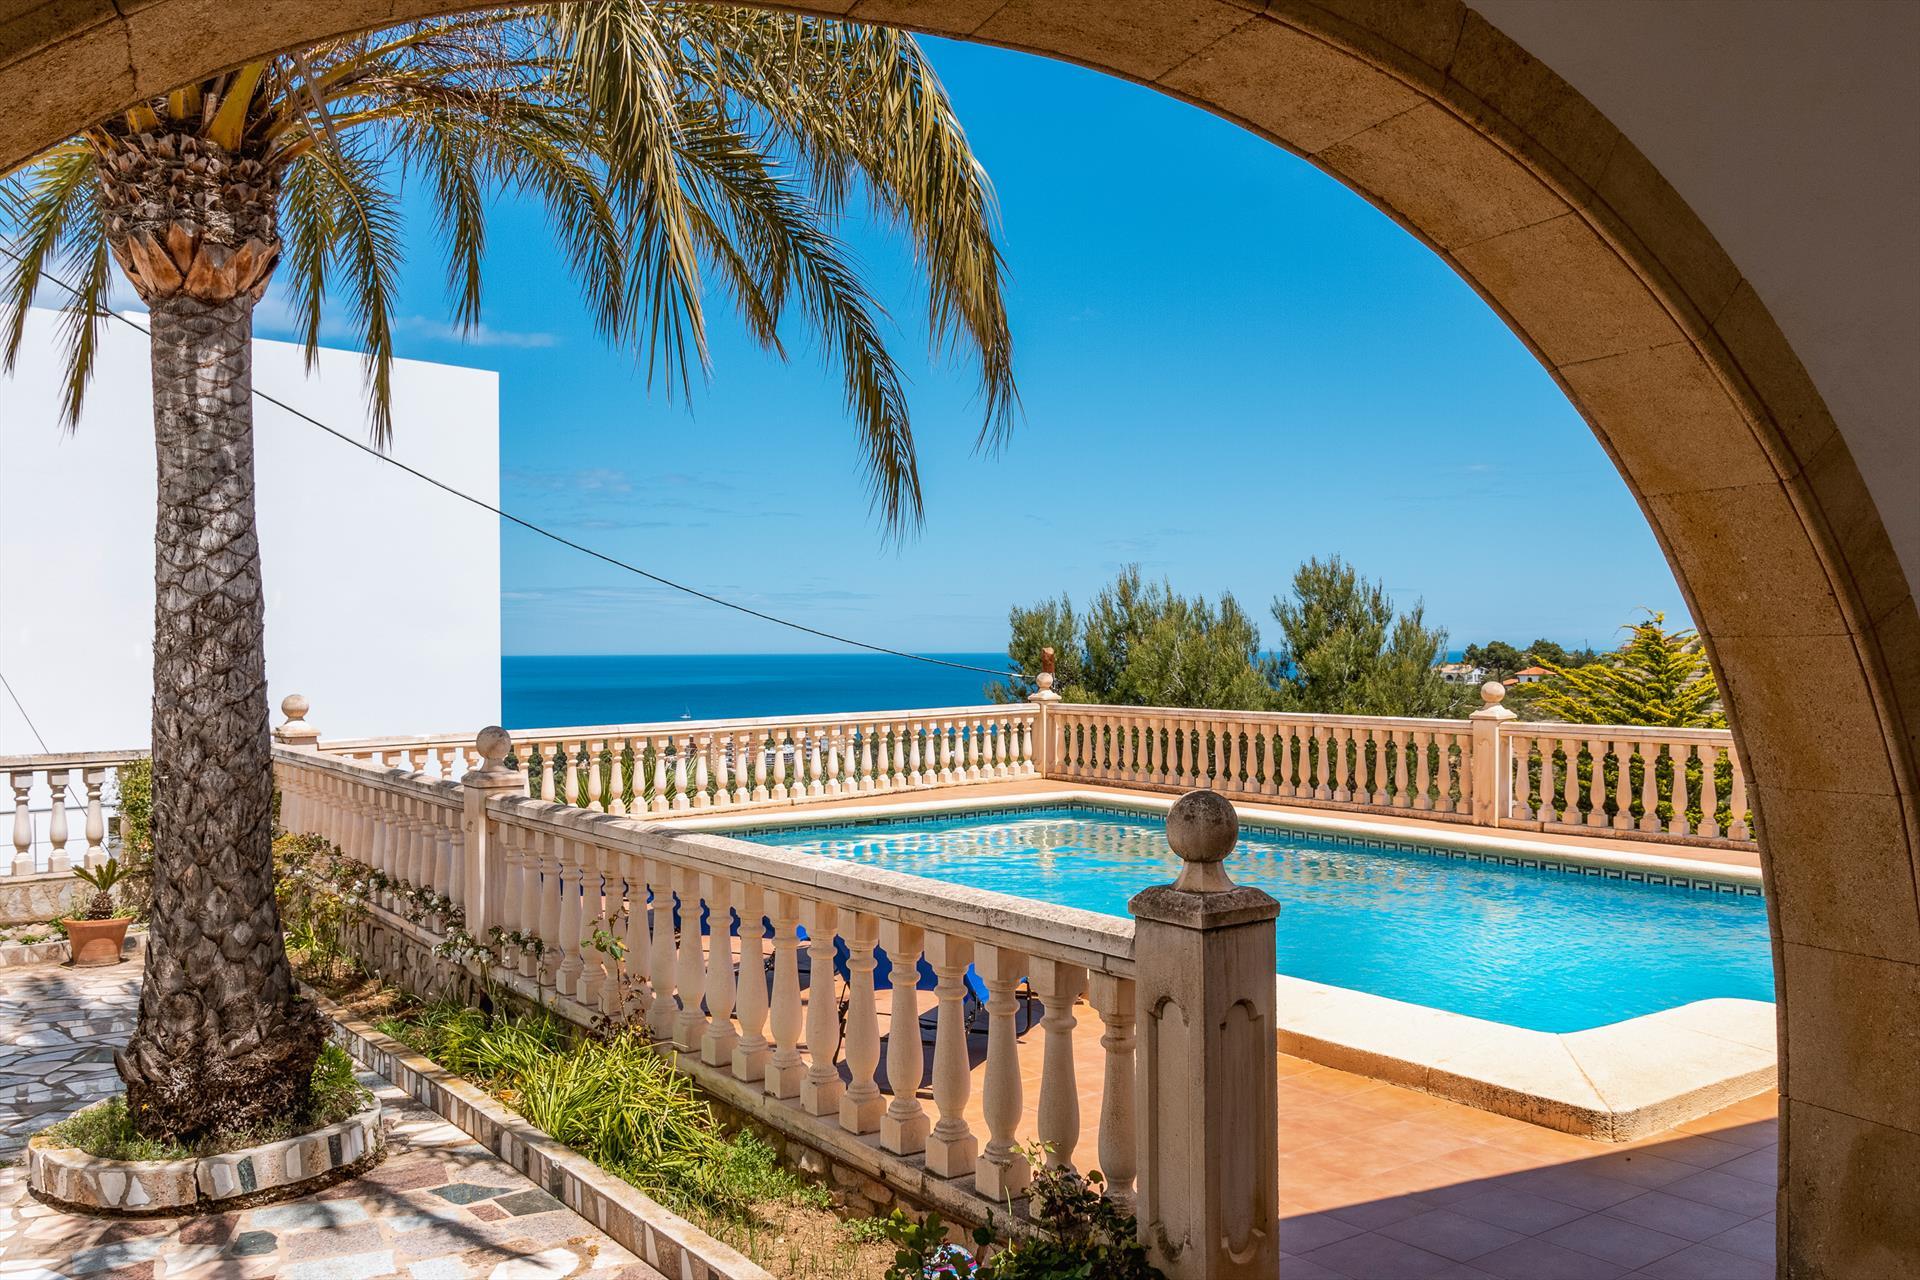 La Florida 4 pax,Villa maravillosa y romántica  con piscina privada en Denia, en la Costa Blanca, España para 4 personas.....